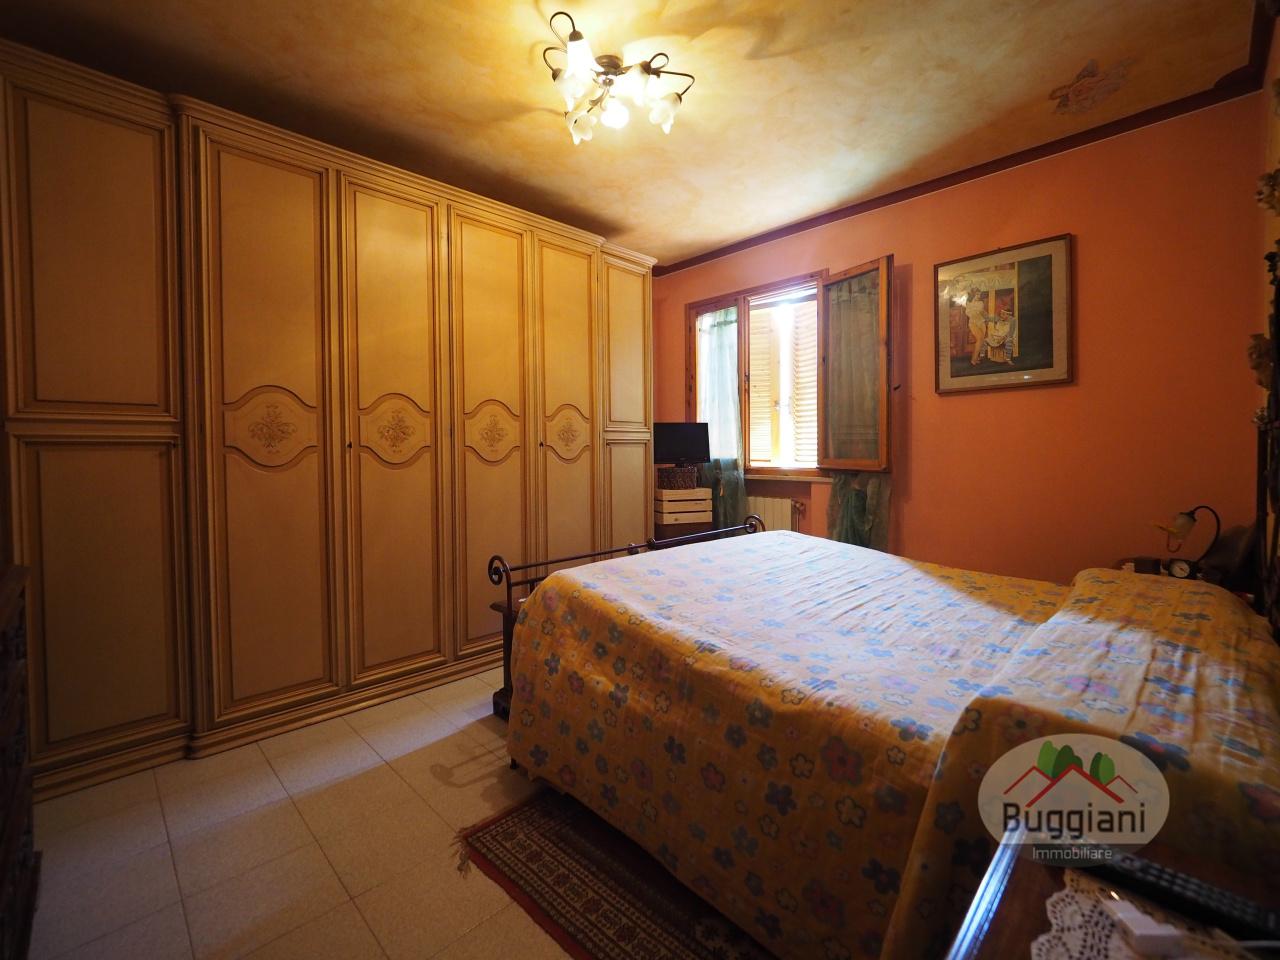 Terratetto in vendita RIF. 1846, San Miniato (PI)